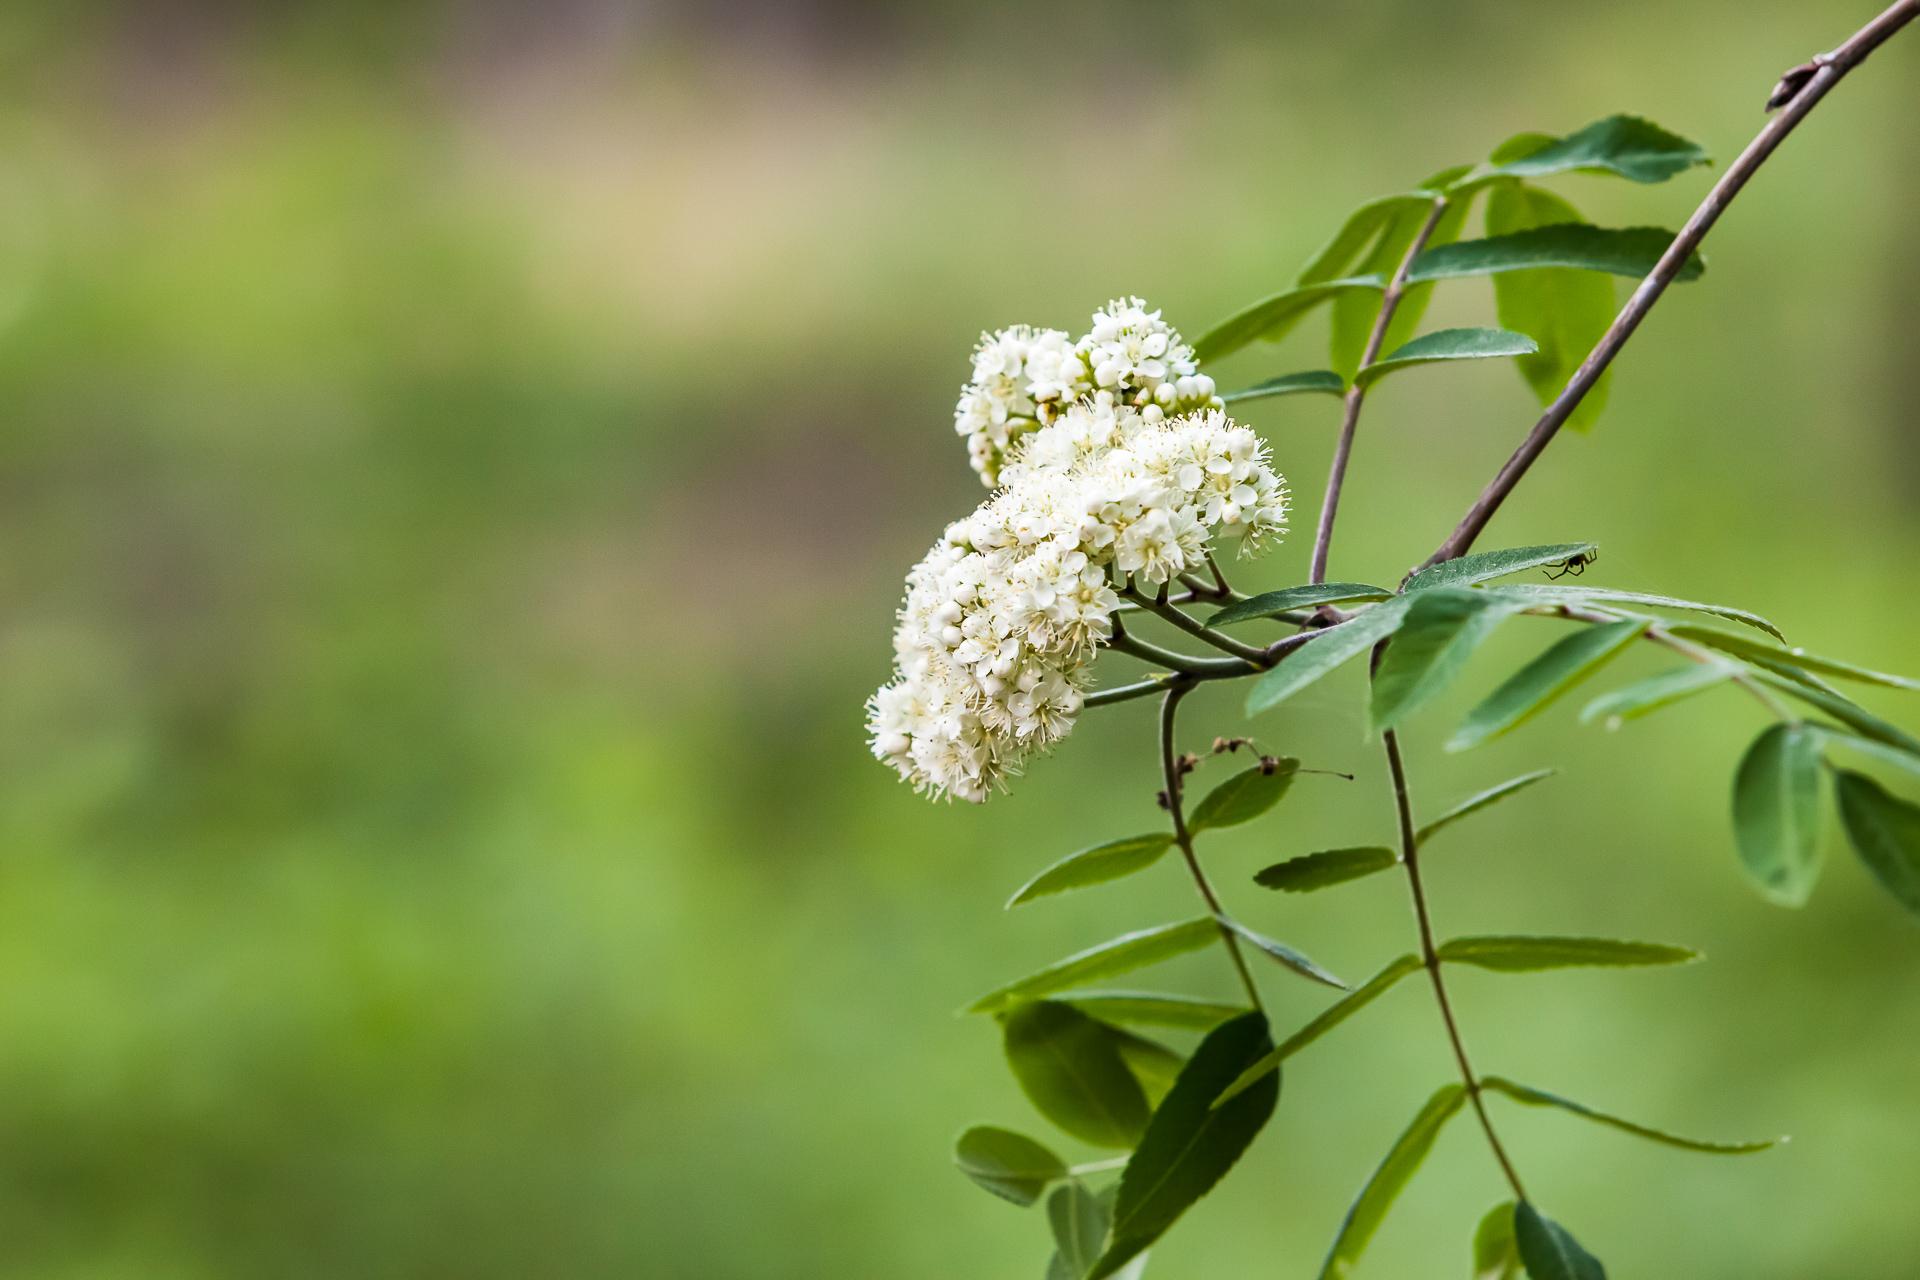 Landschapsfotografie bloem